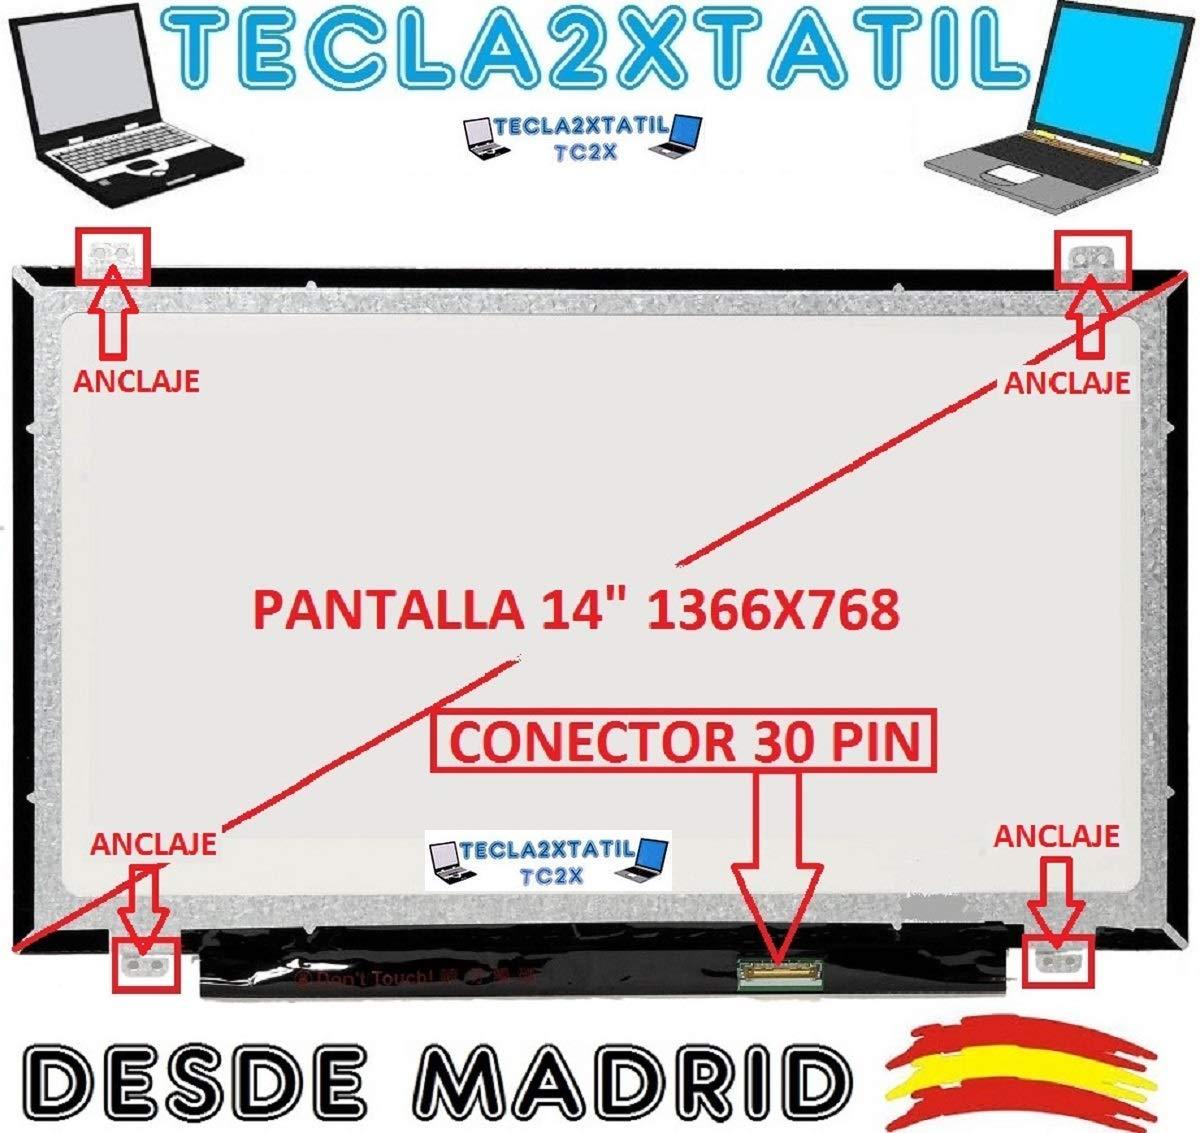 TECLA2XTATIL TC2X Pantalla Compatible DE Y para PORTATIL N140BGA-EA3 14 WXGA 1366x768 HD LED LCD 30 Pin Ver Foto